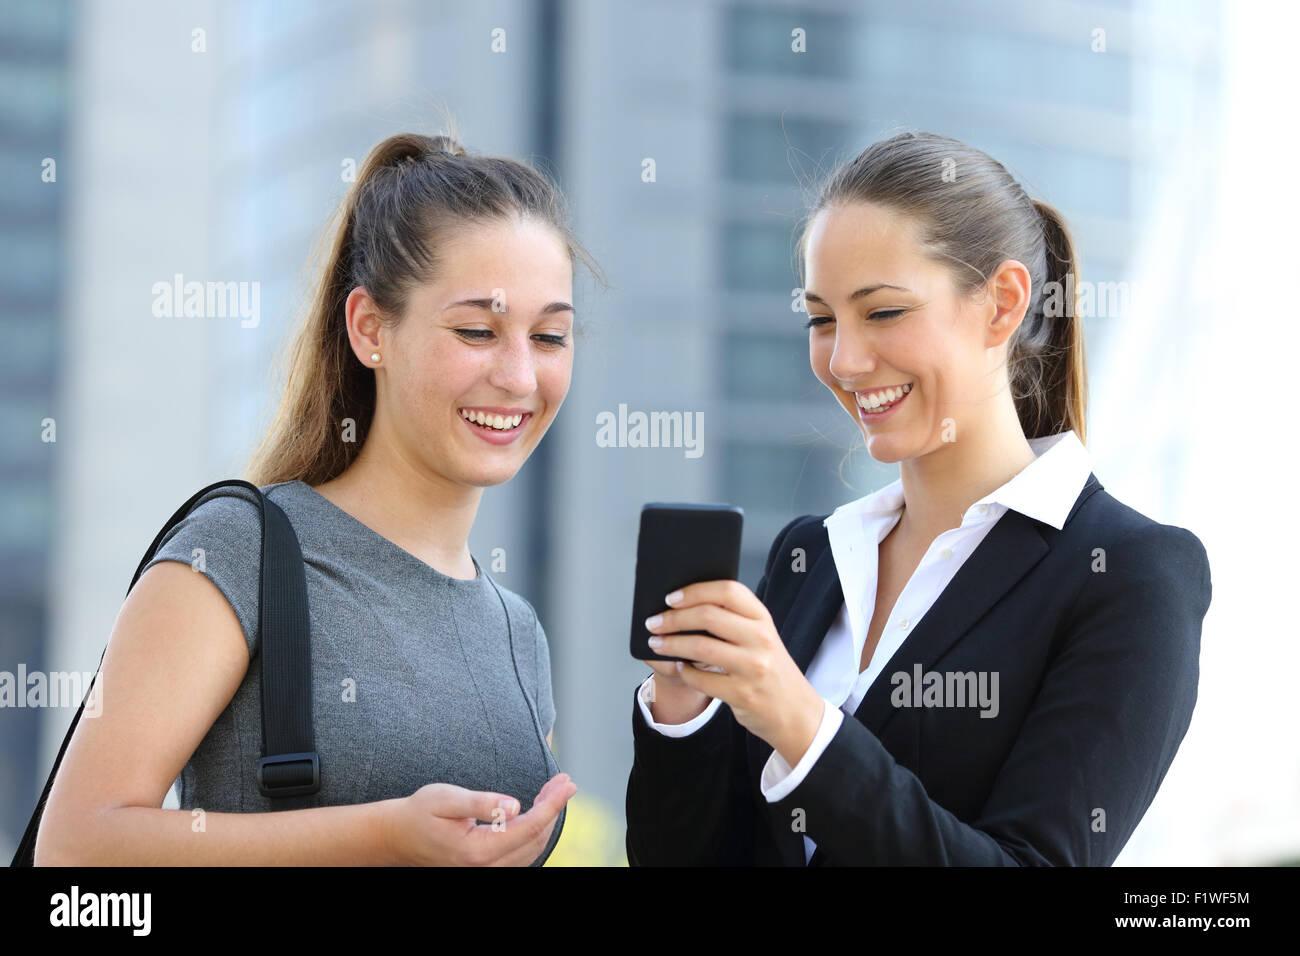 Zwei Unternehmerinnen sprechen über Smartphone auf der Straße mit Bürogebäude im Hintergrund Stockfoto